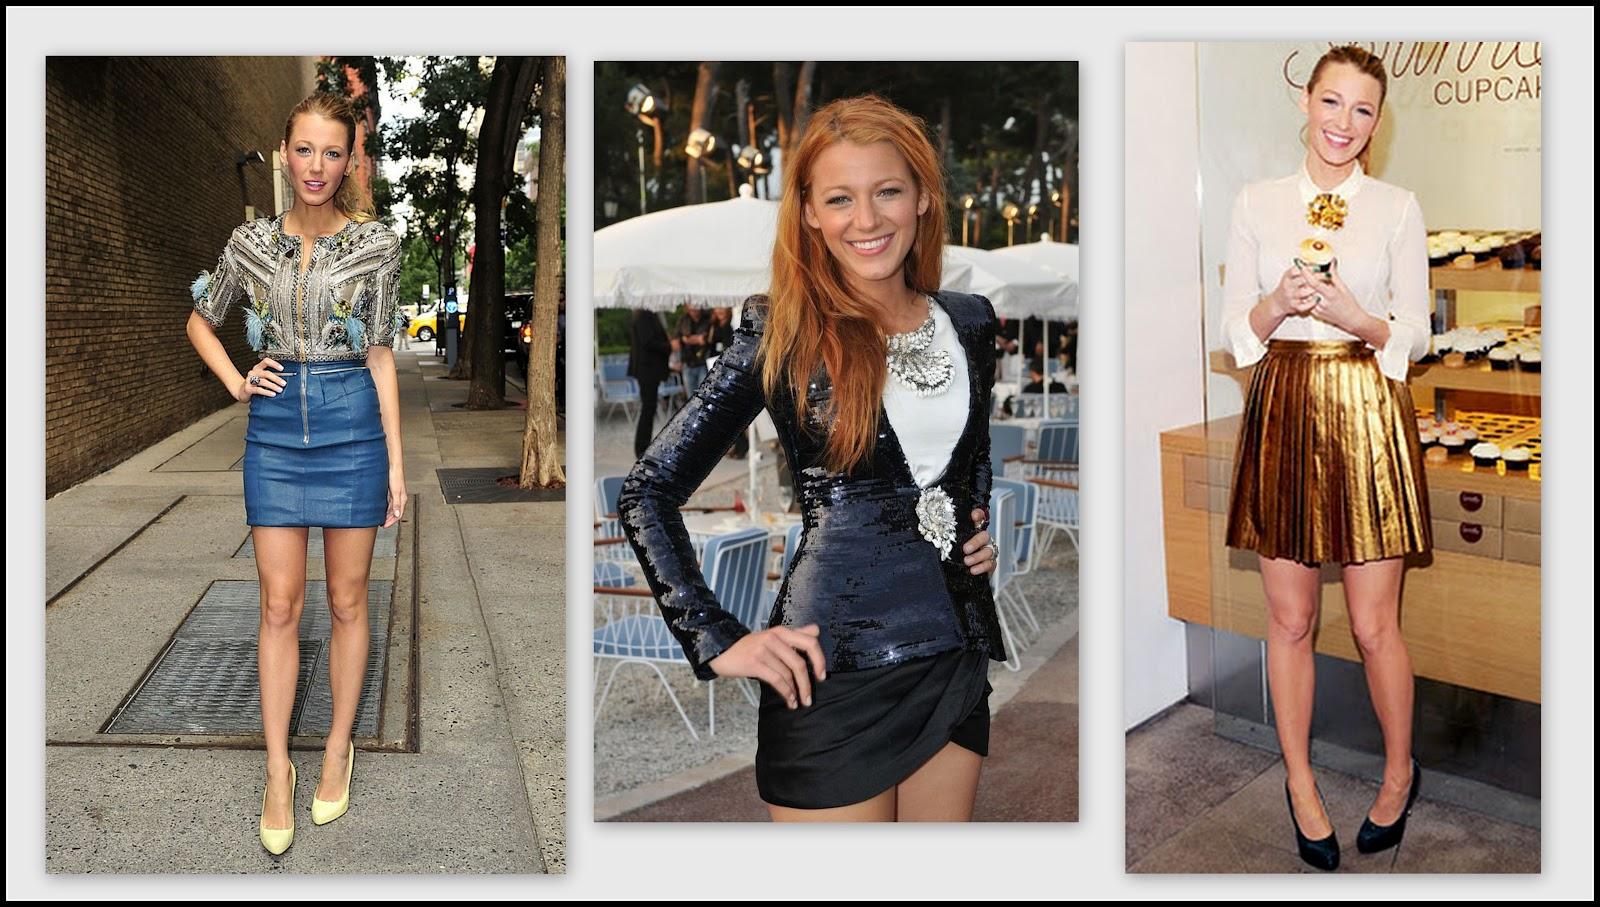 http://4.bp.blogspot.com/-xIPpuUYeLcU/T5cNPzX5bAI/AAAAAAAAB30/CgXdChKhvKk/s1600/Blake+Lively-street+style+chic-001.jpg